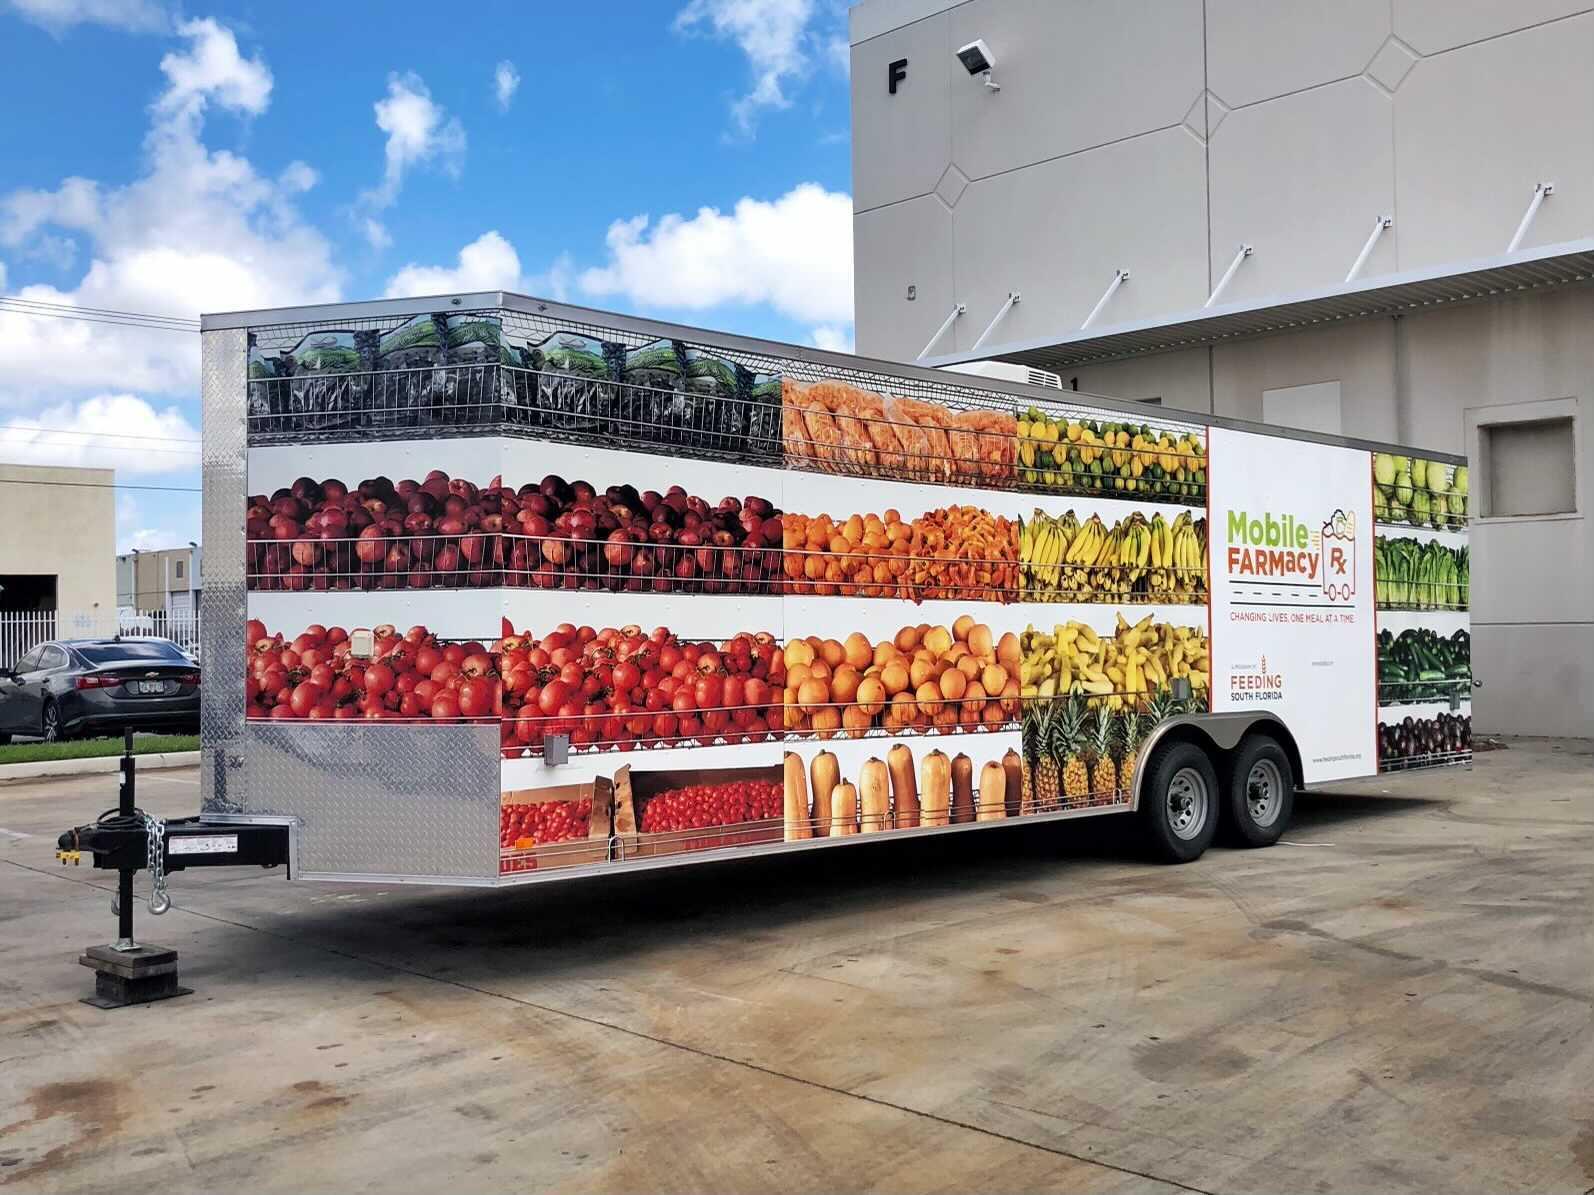 Mobile Farmacy